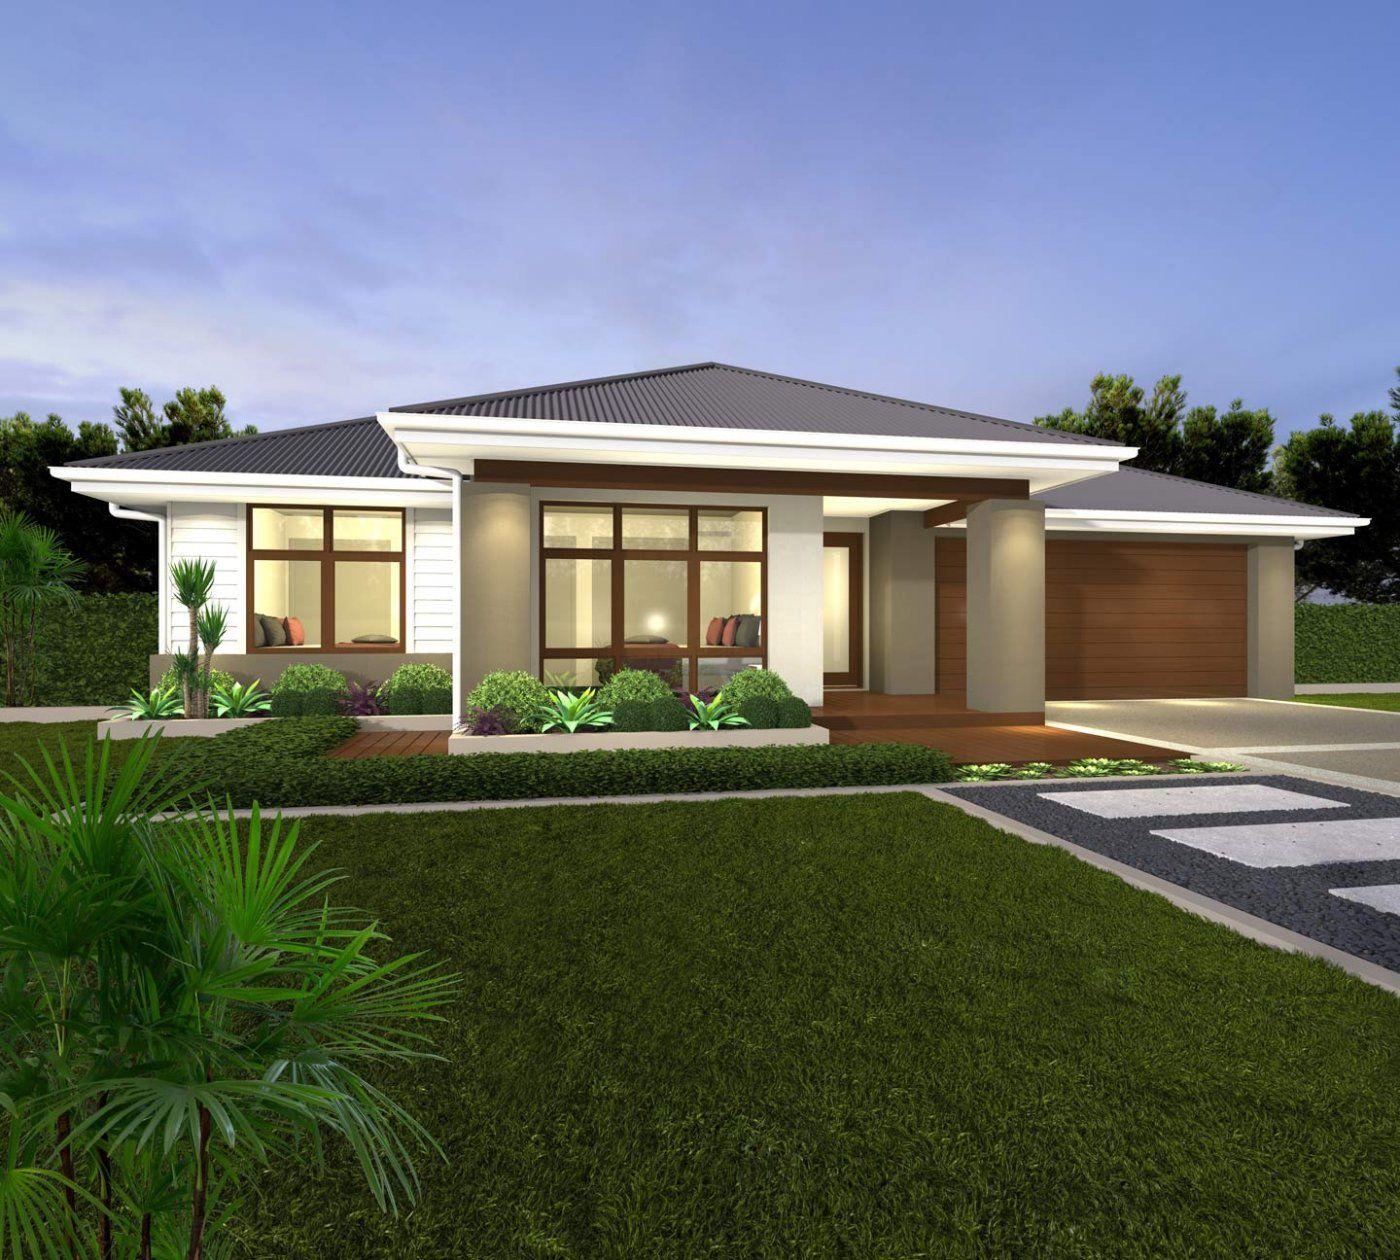 Miami facades mcdonald jones homes bc remodel for Casa mcdonald